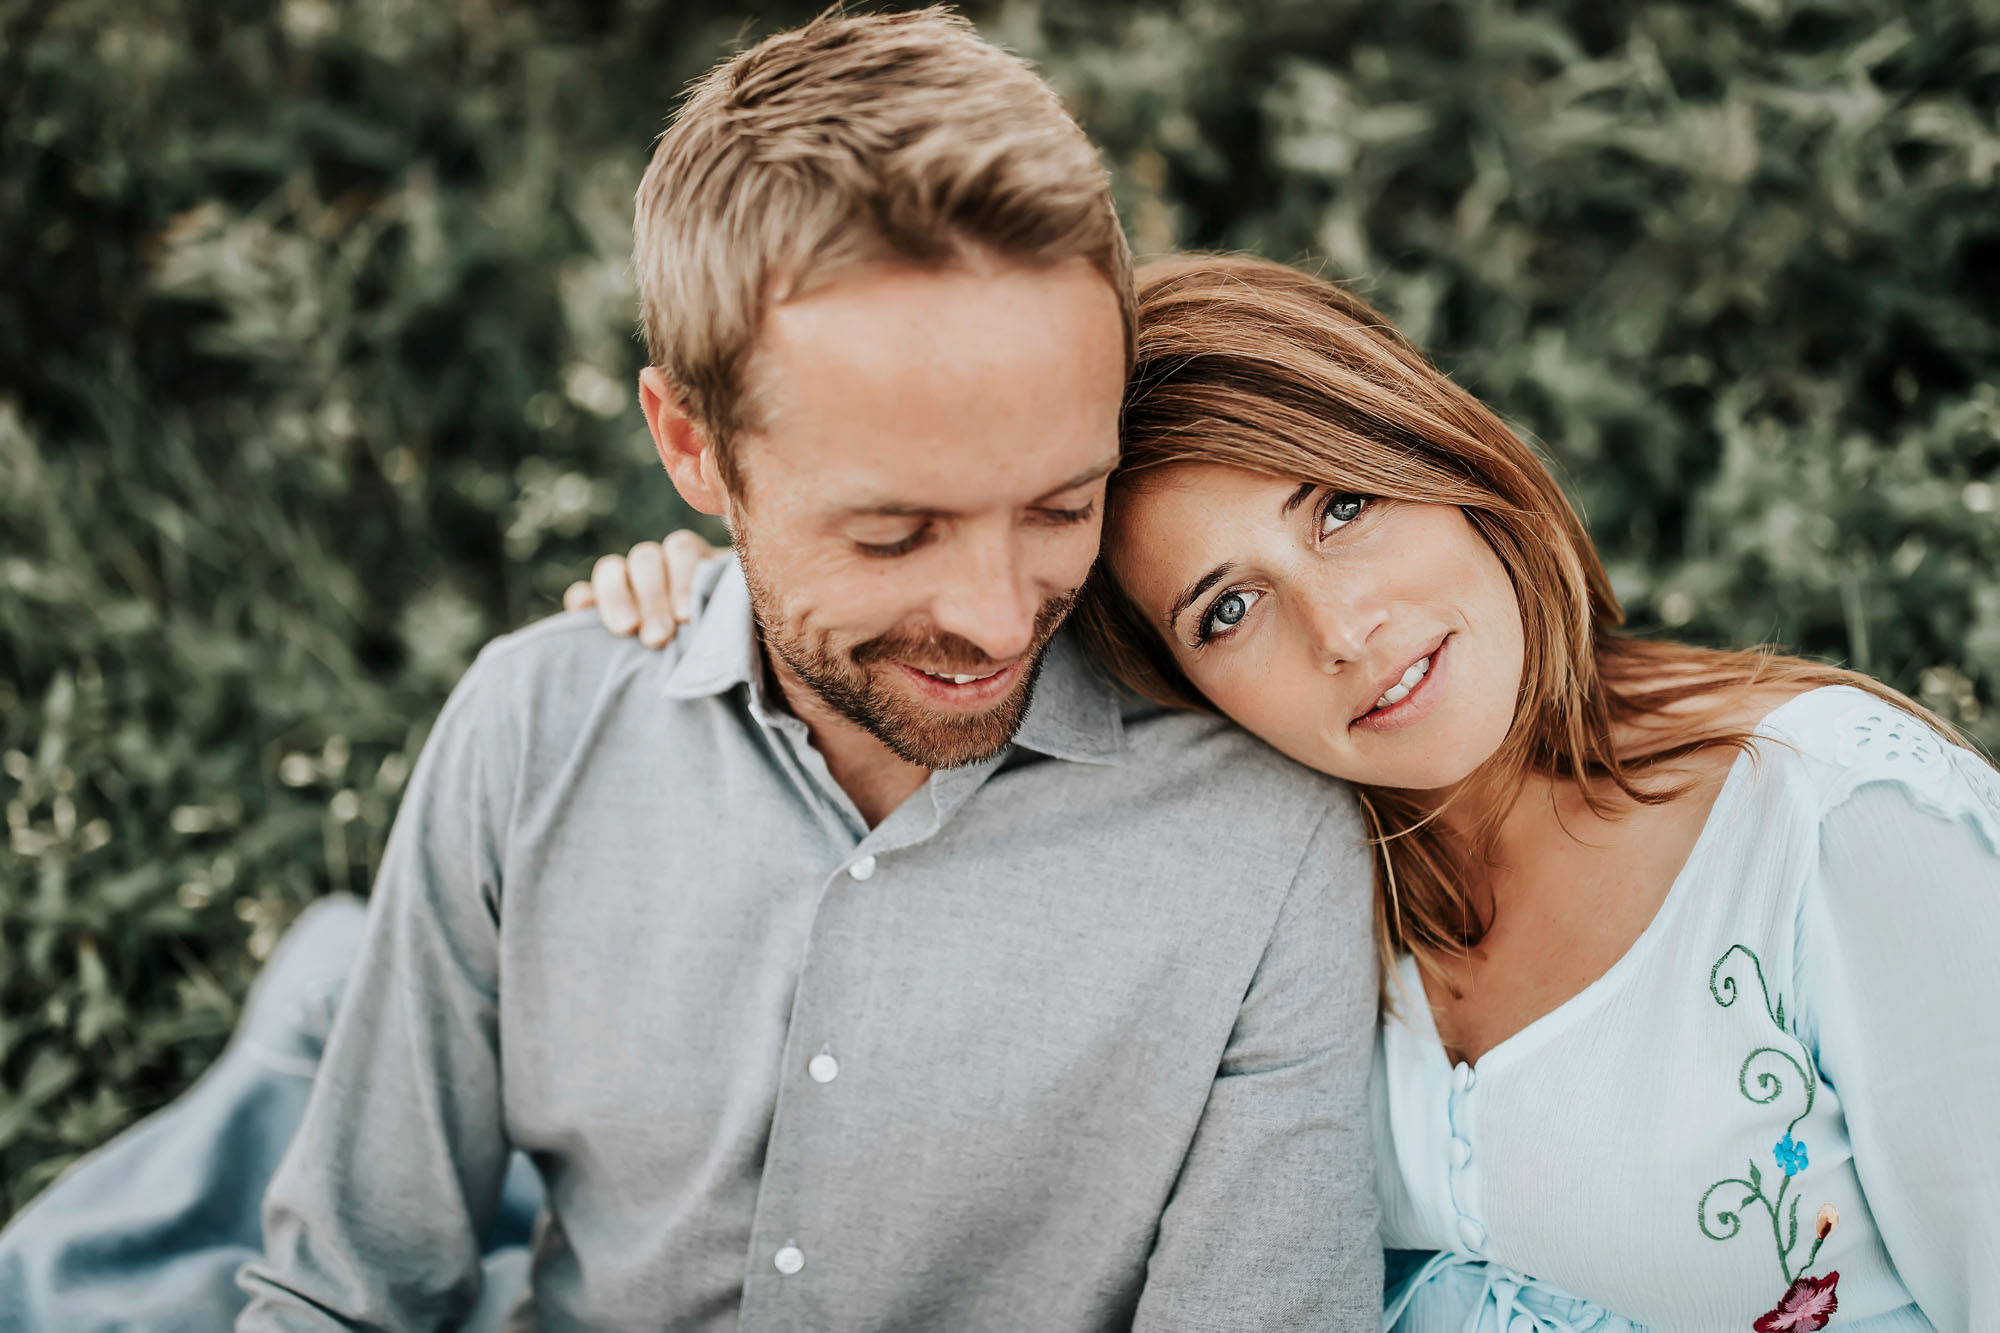 17Tarah-Sweeney-natural-light-couples-breakout0026